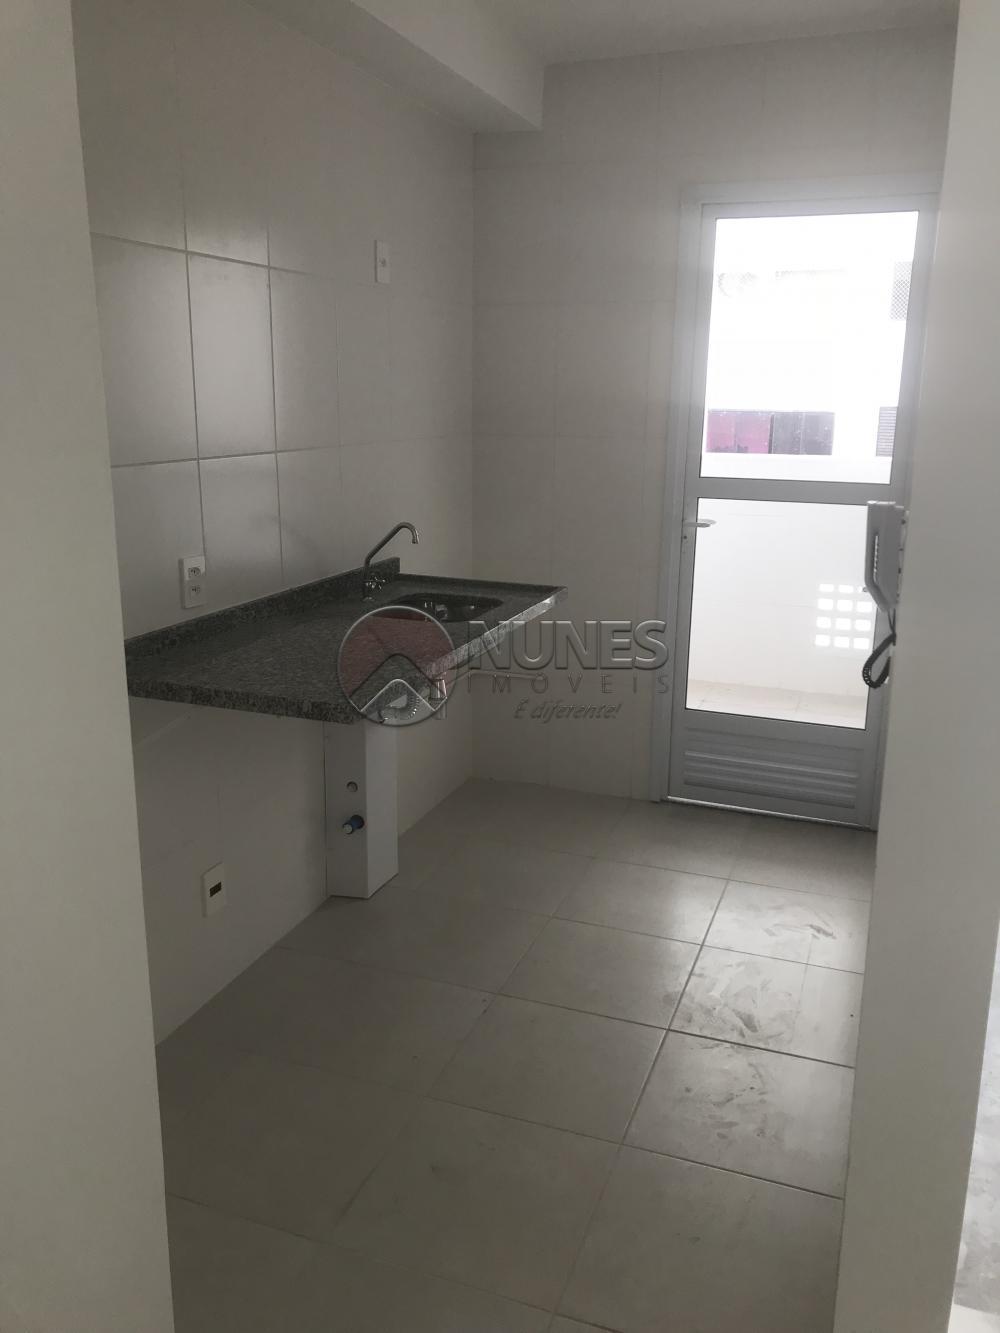 Comprar Apartamento / Padrão em São Paulo apenas R$ 590.000,00 - Foto 5